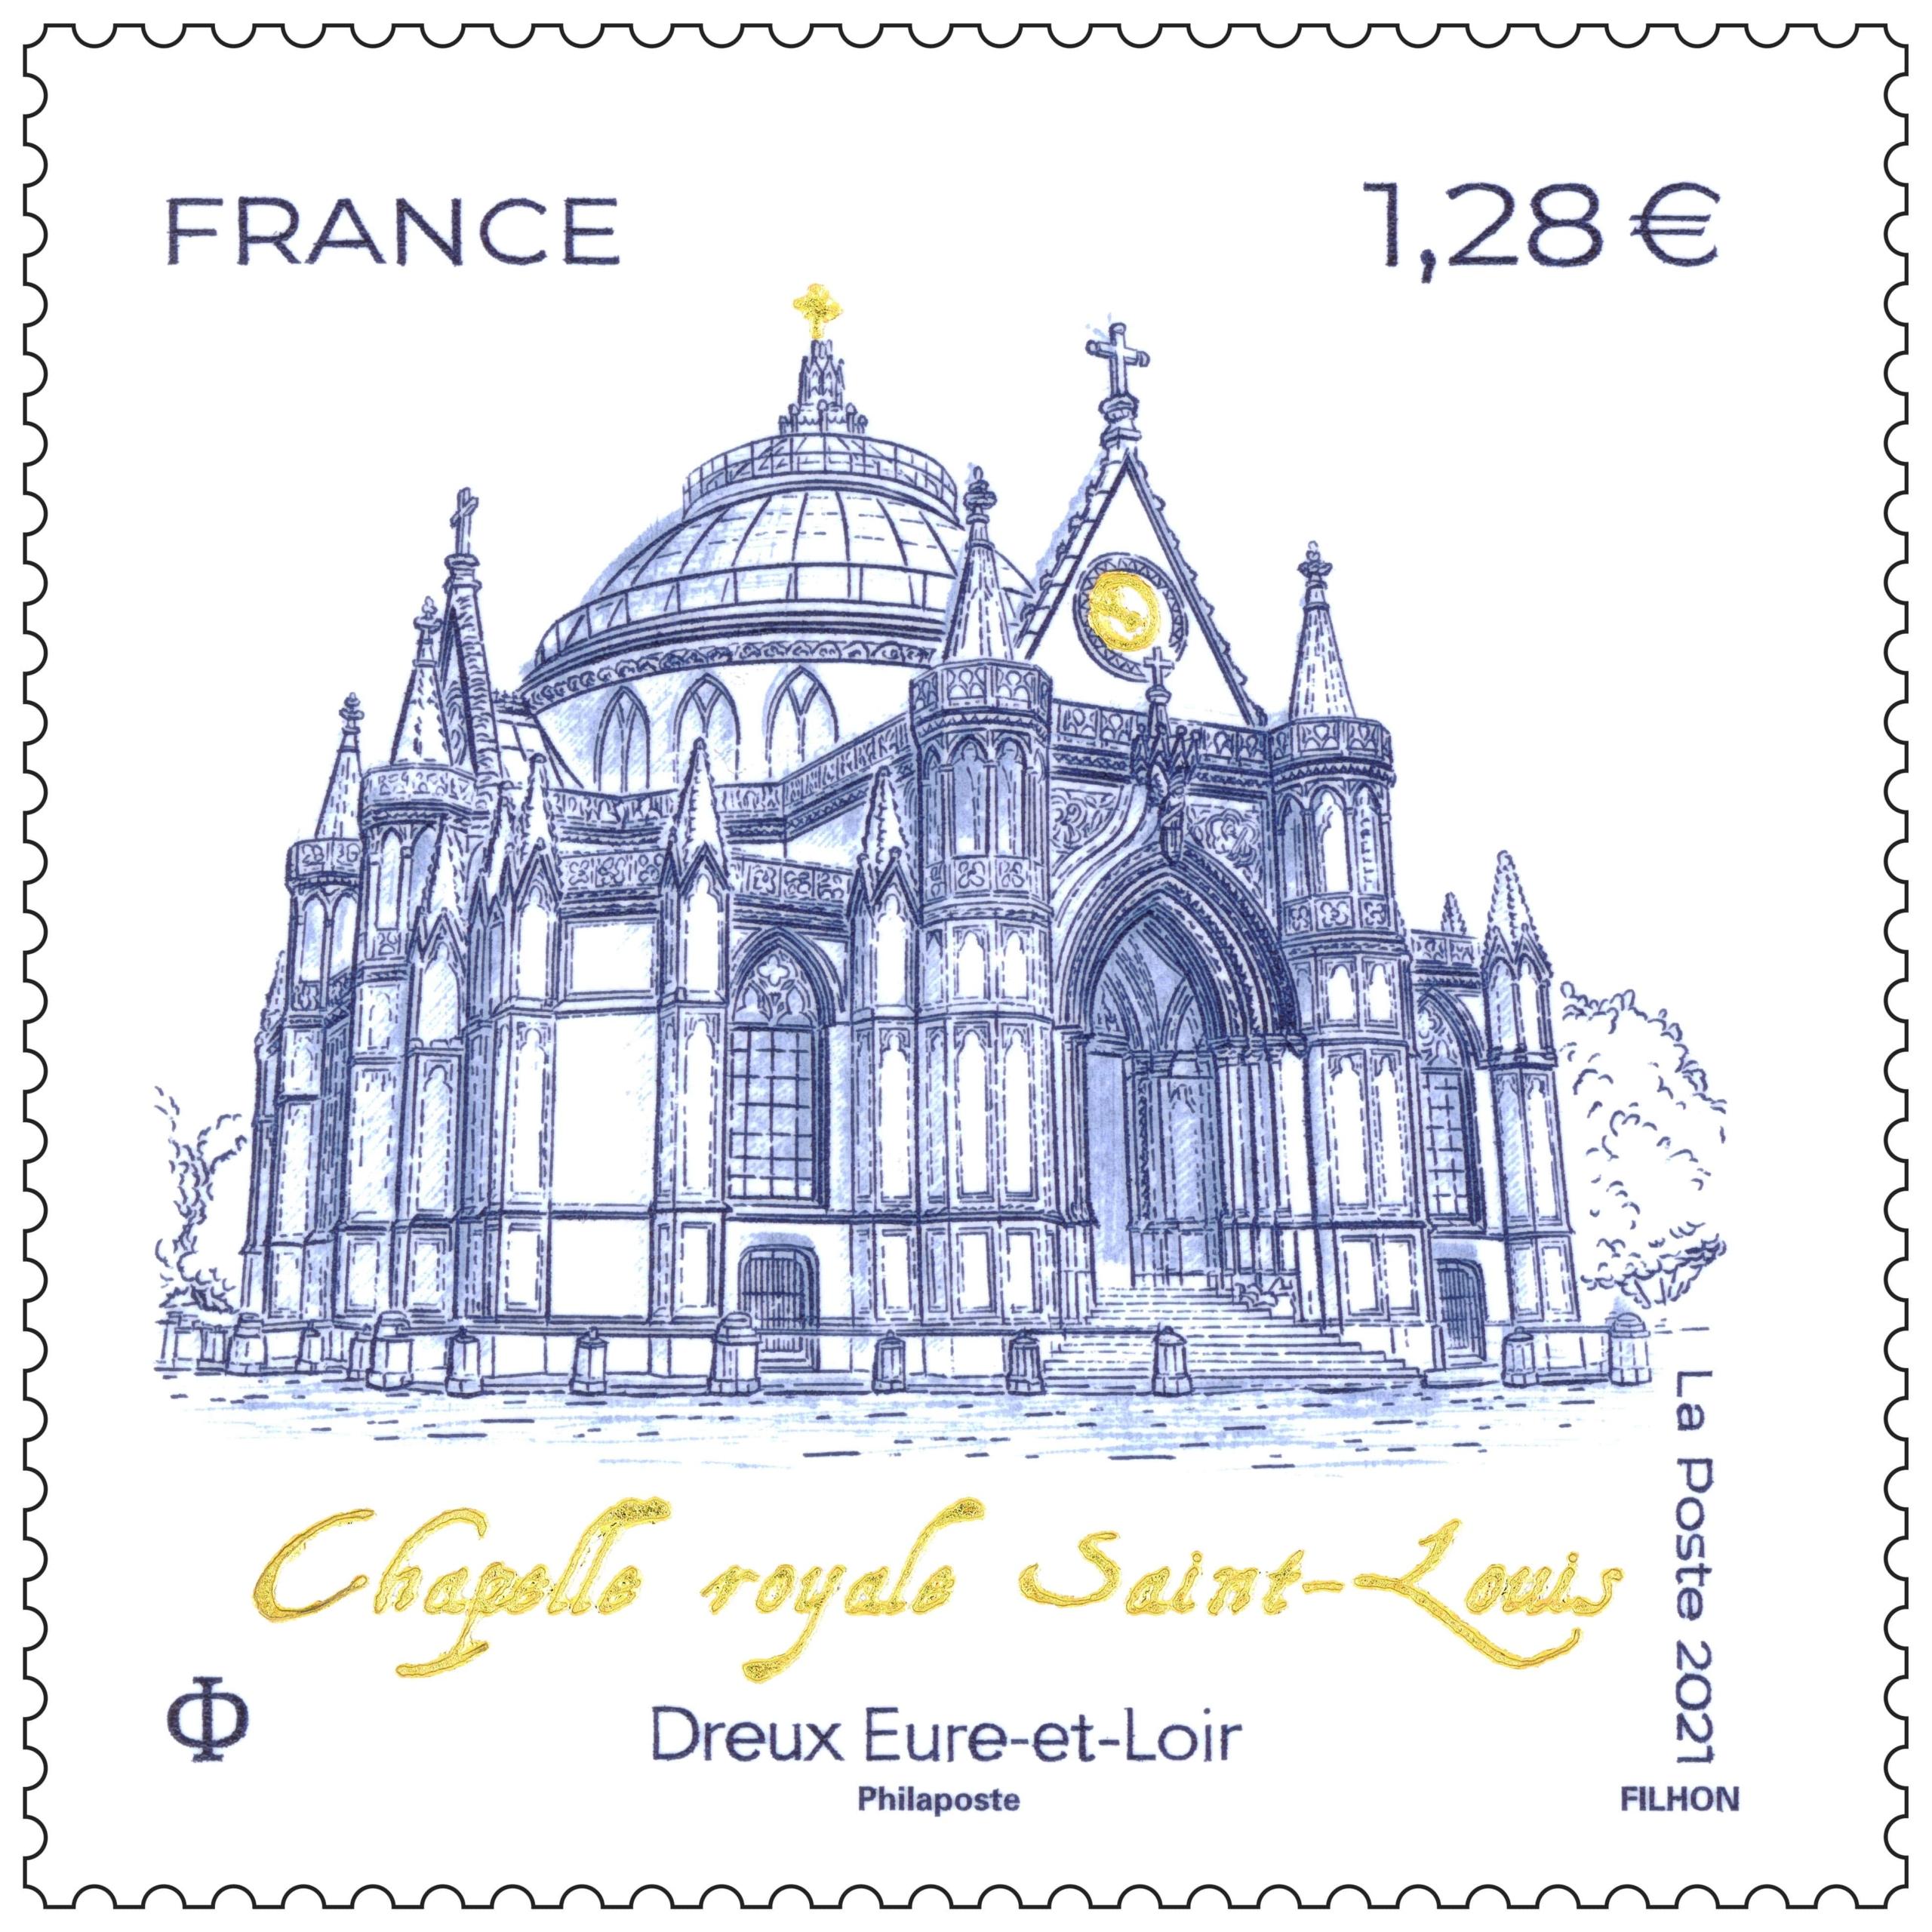 Chapelle royale Saint-Louis Dreux Eure-Et-Loir